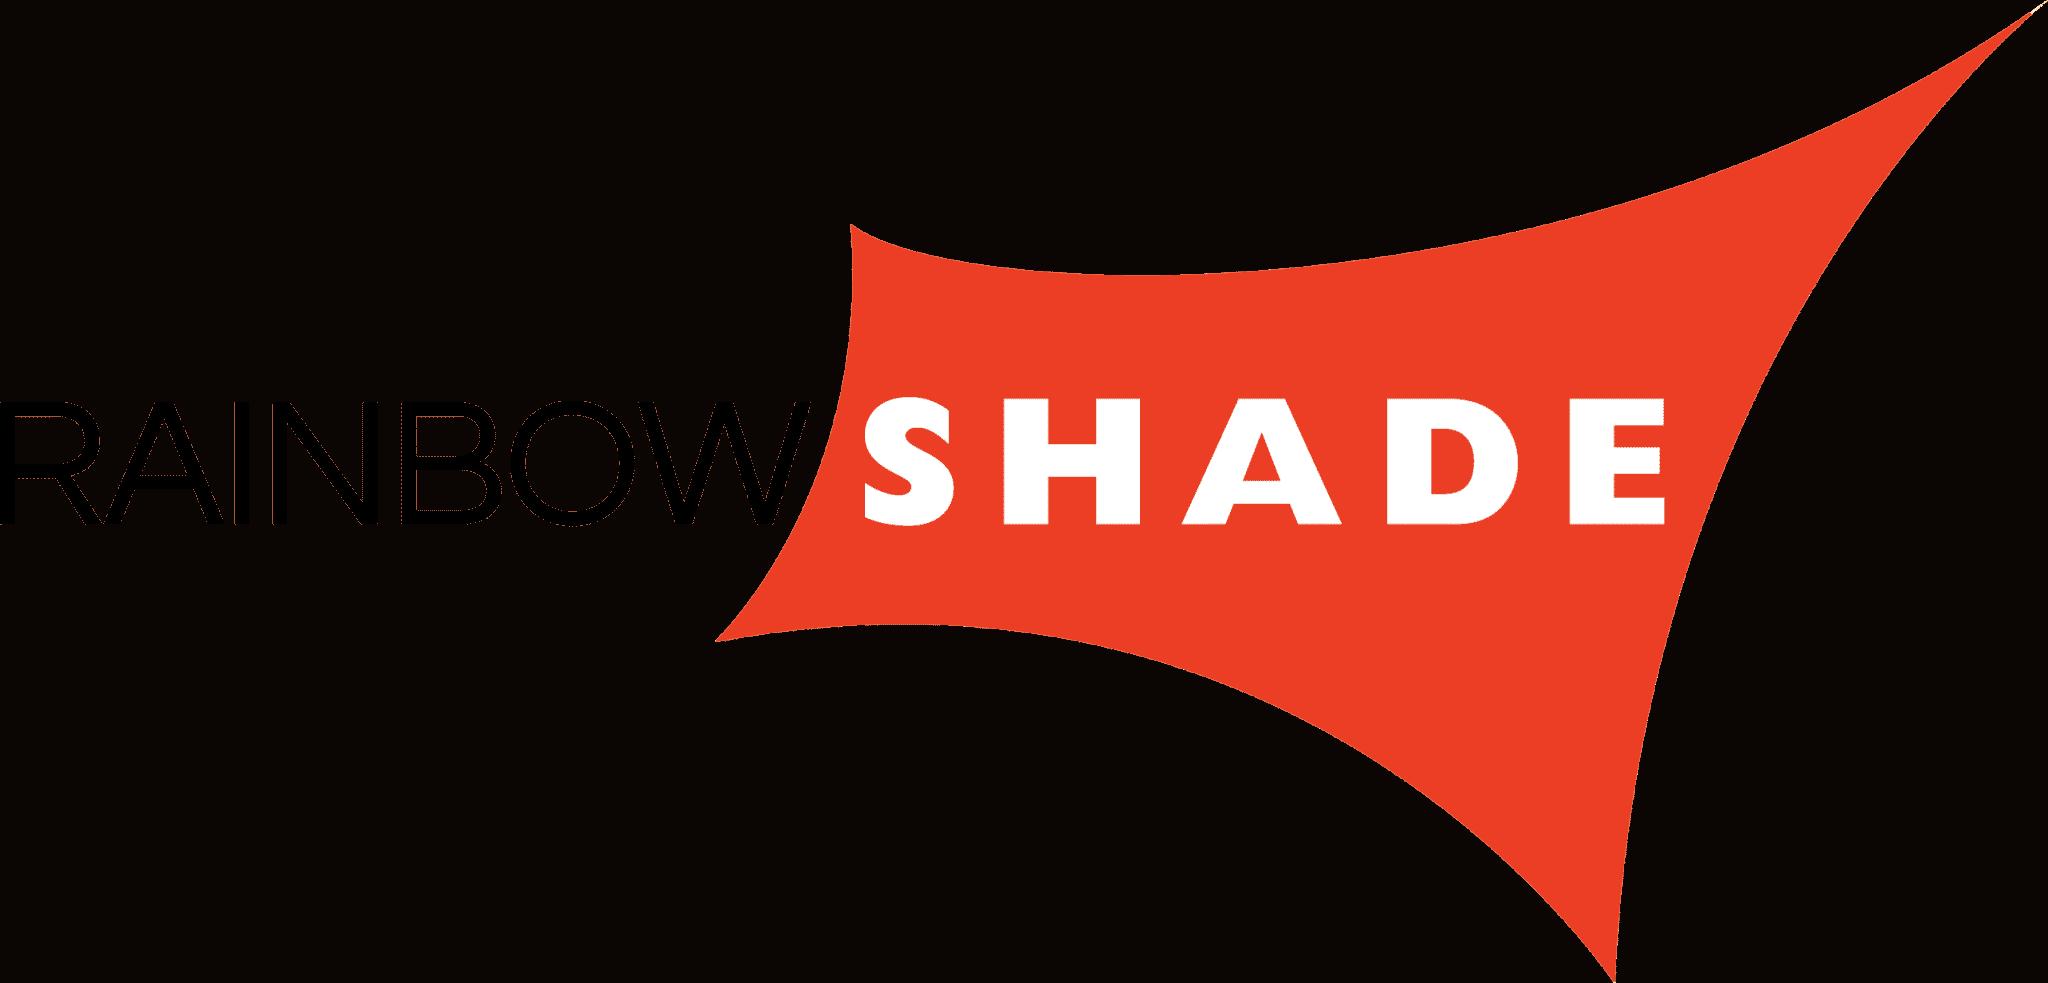 Rainbow Shade logo